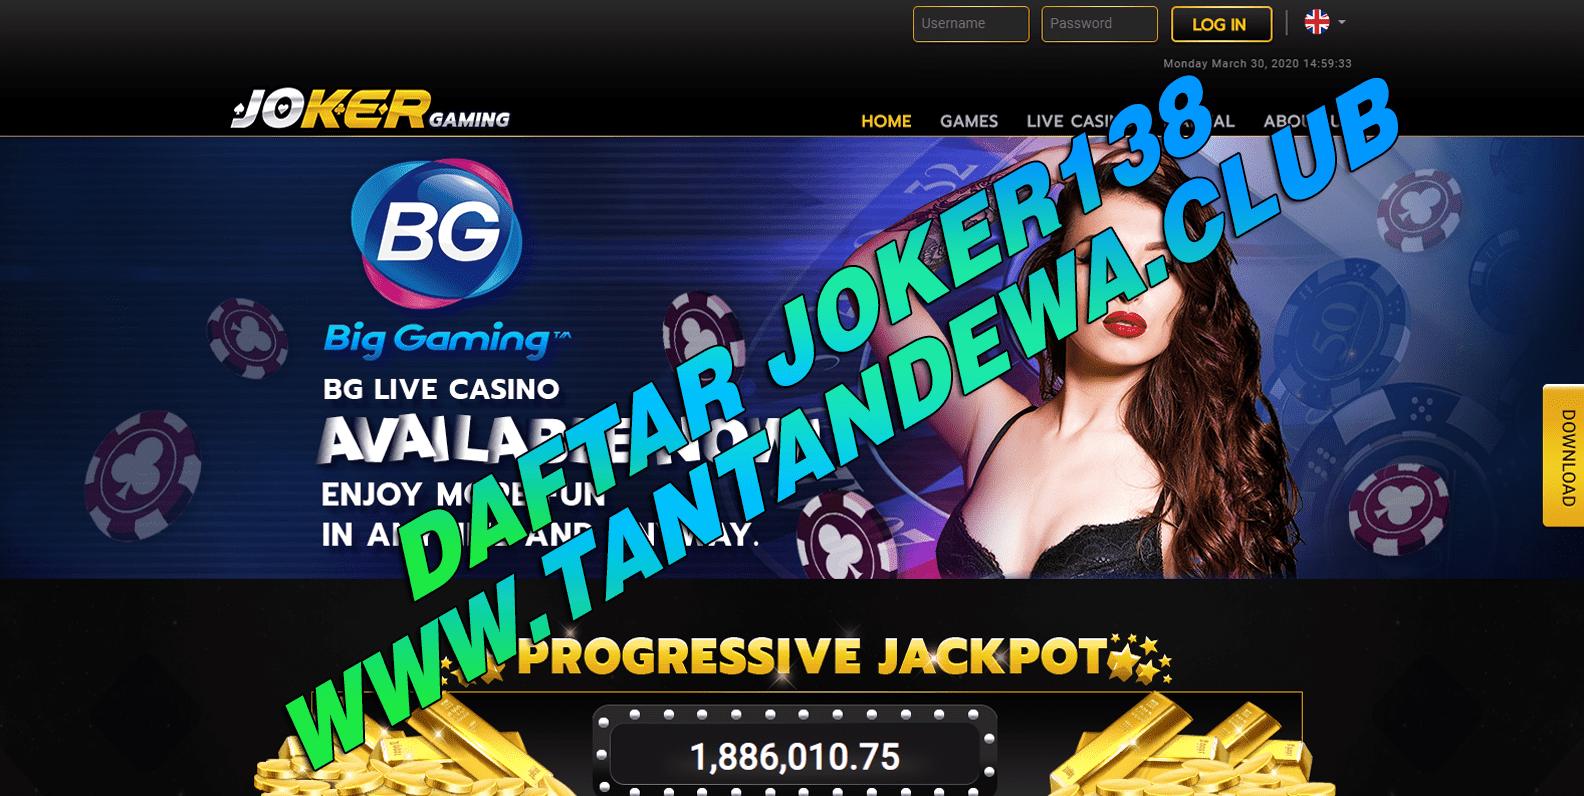 Joker138, Daftar Joker138, Login Joker138, Link Joker138, Slot Joker138, Situs Joker138